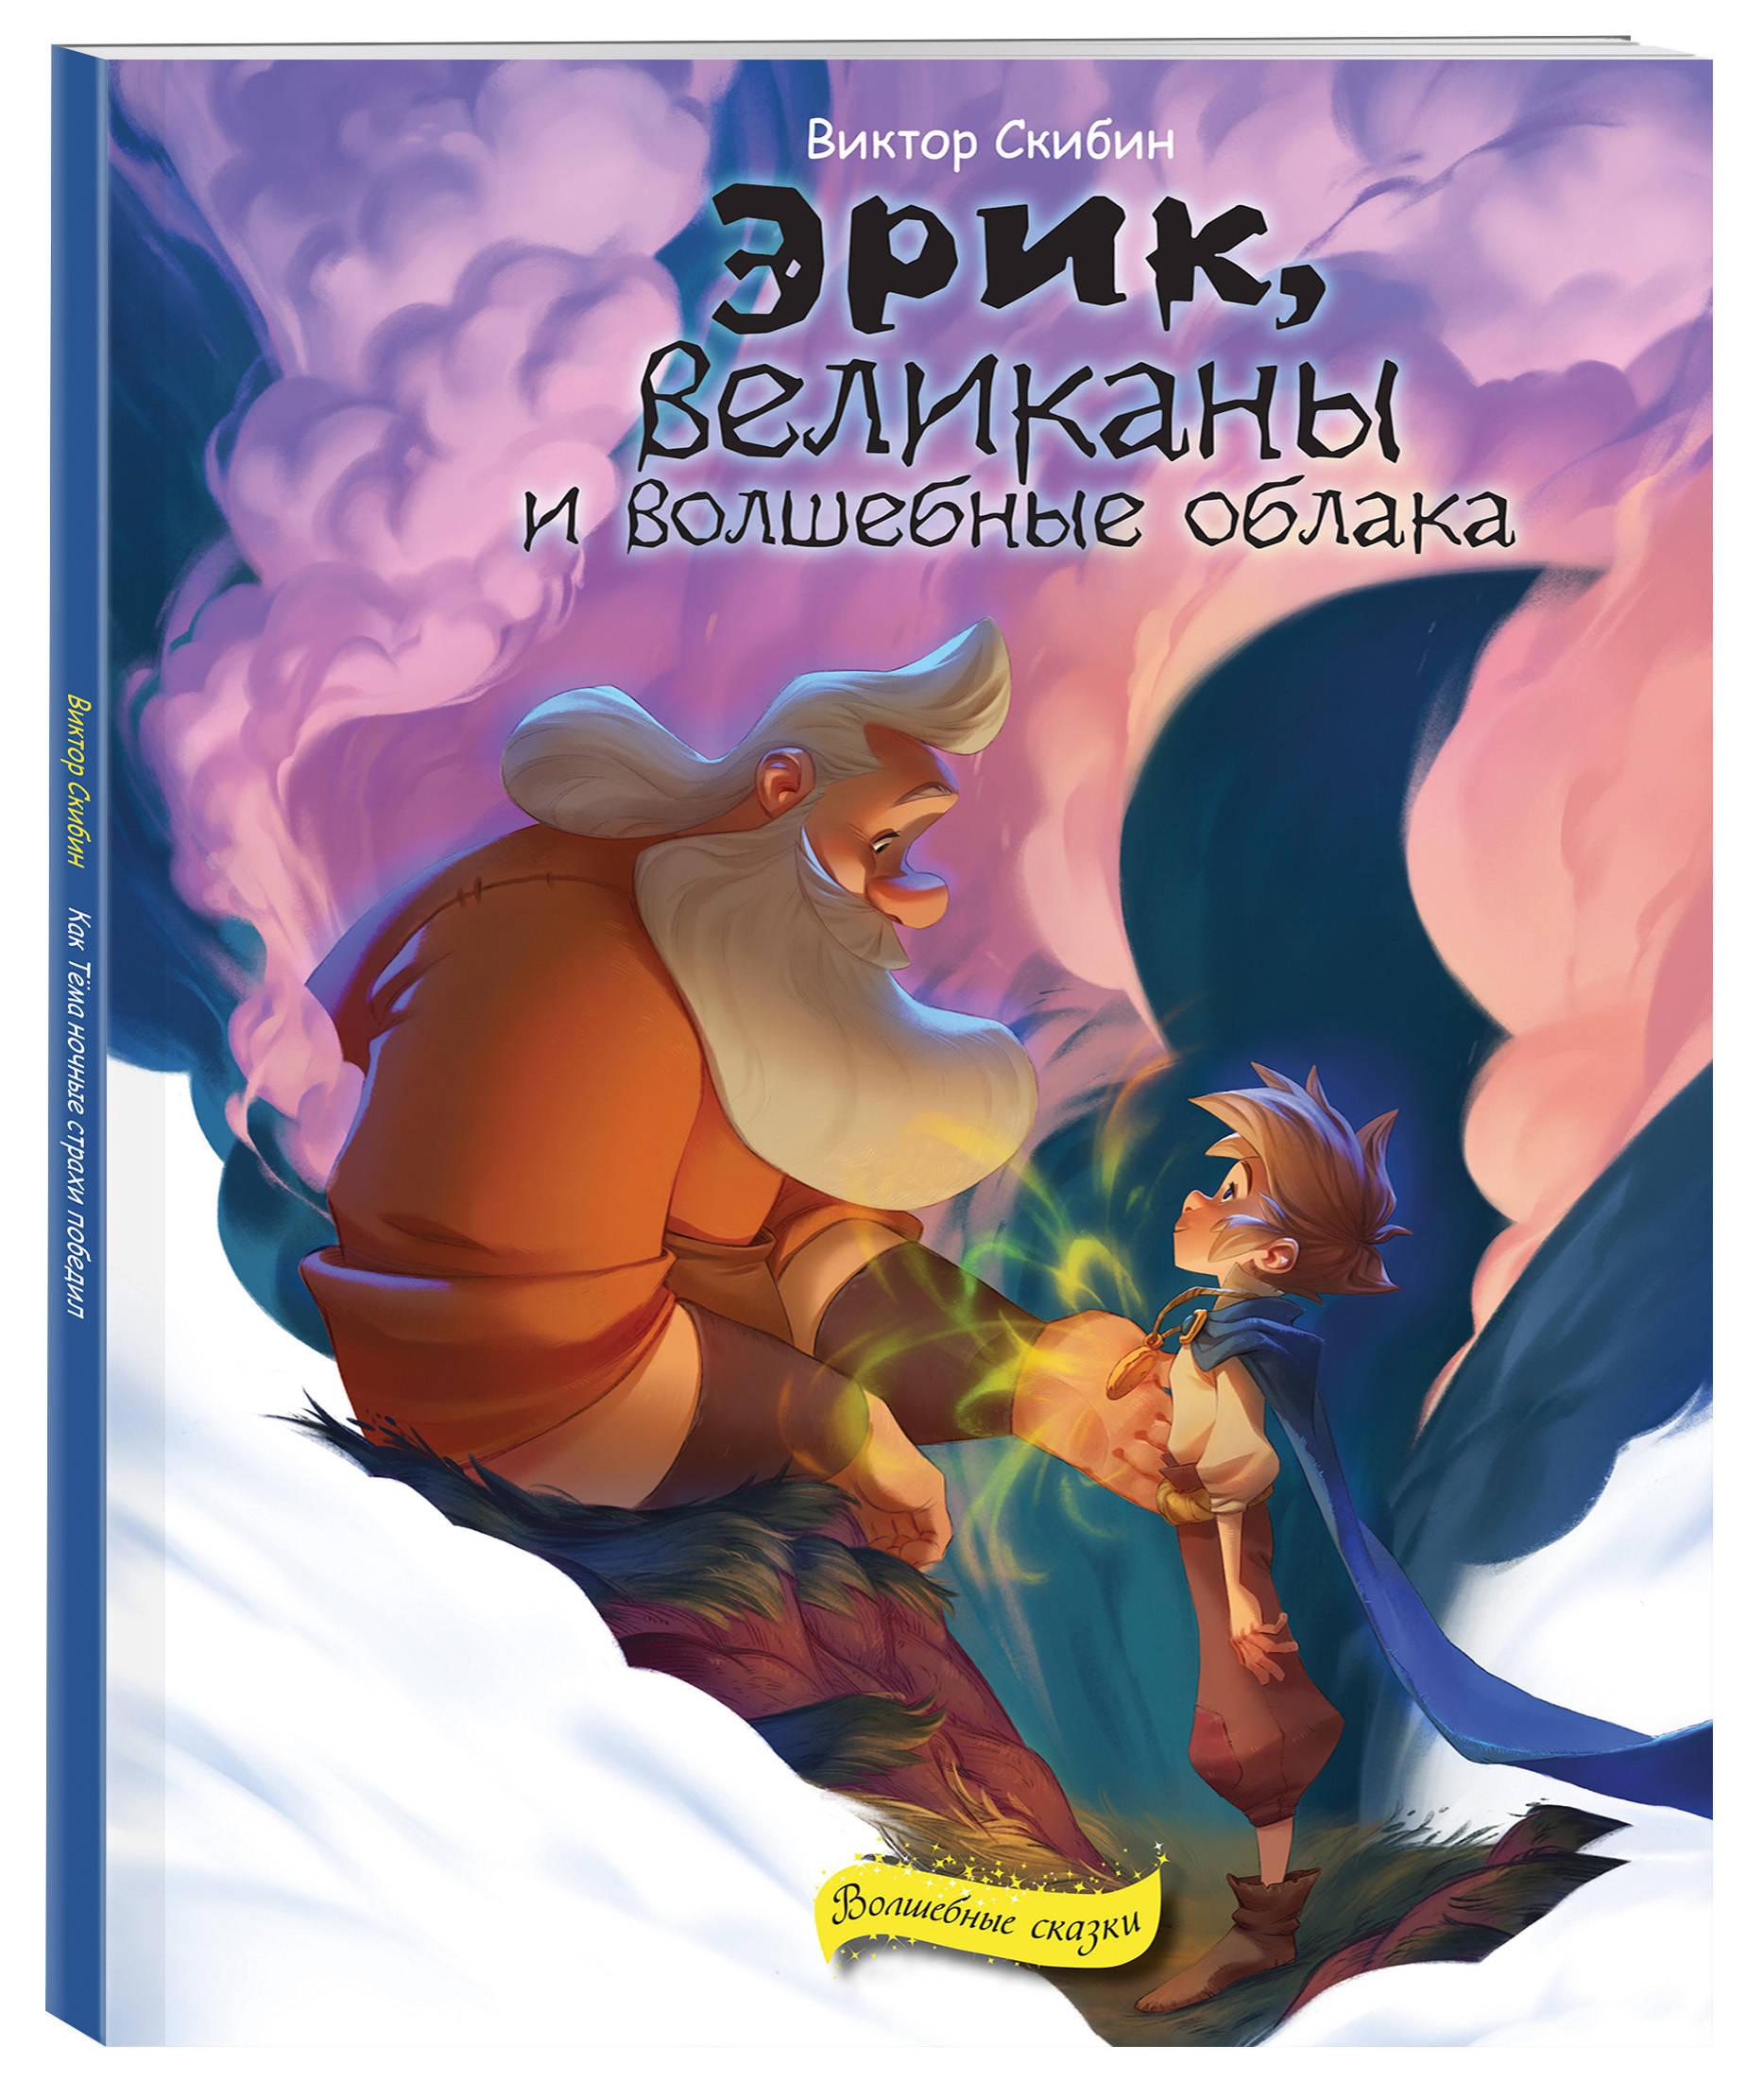 Скибин В.С. Эрик, великаны и волшебные облака